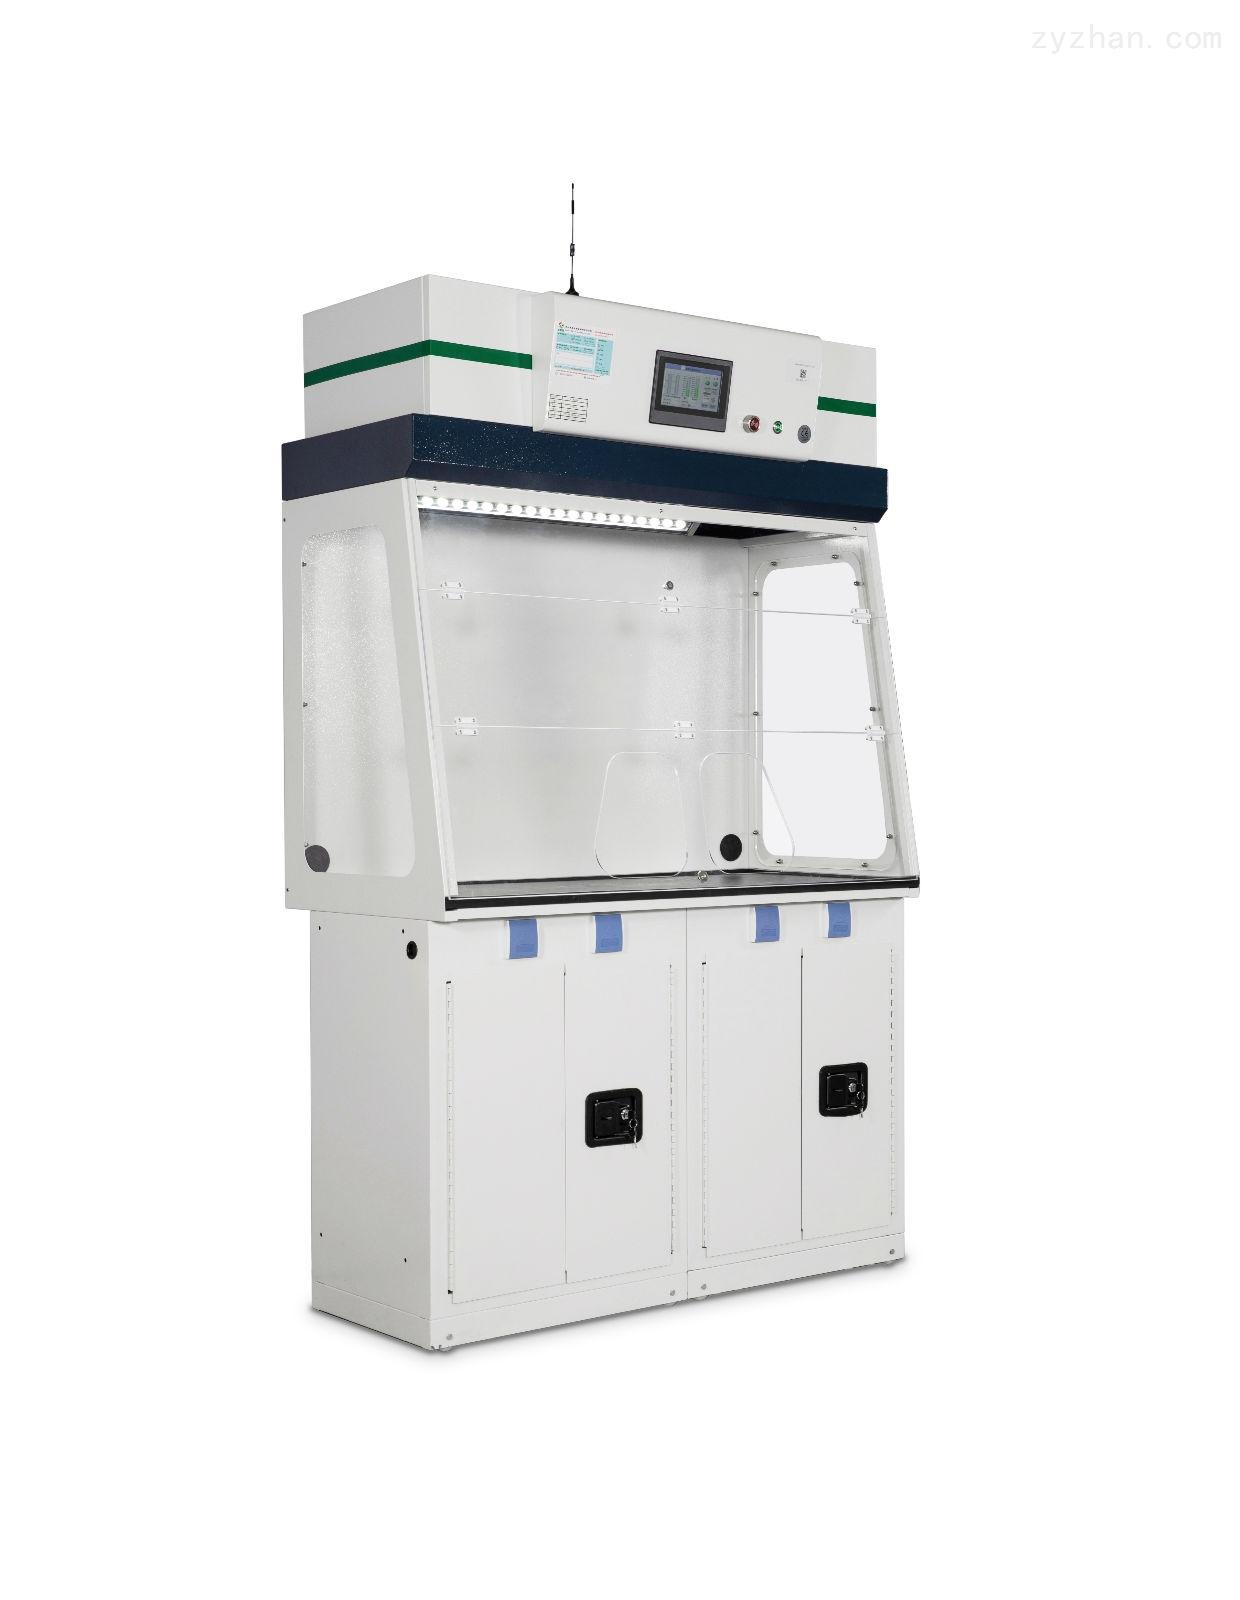 BC-DS1000无管式净气型通风橱厂家